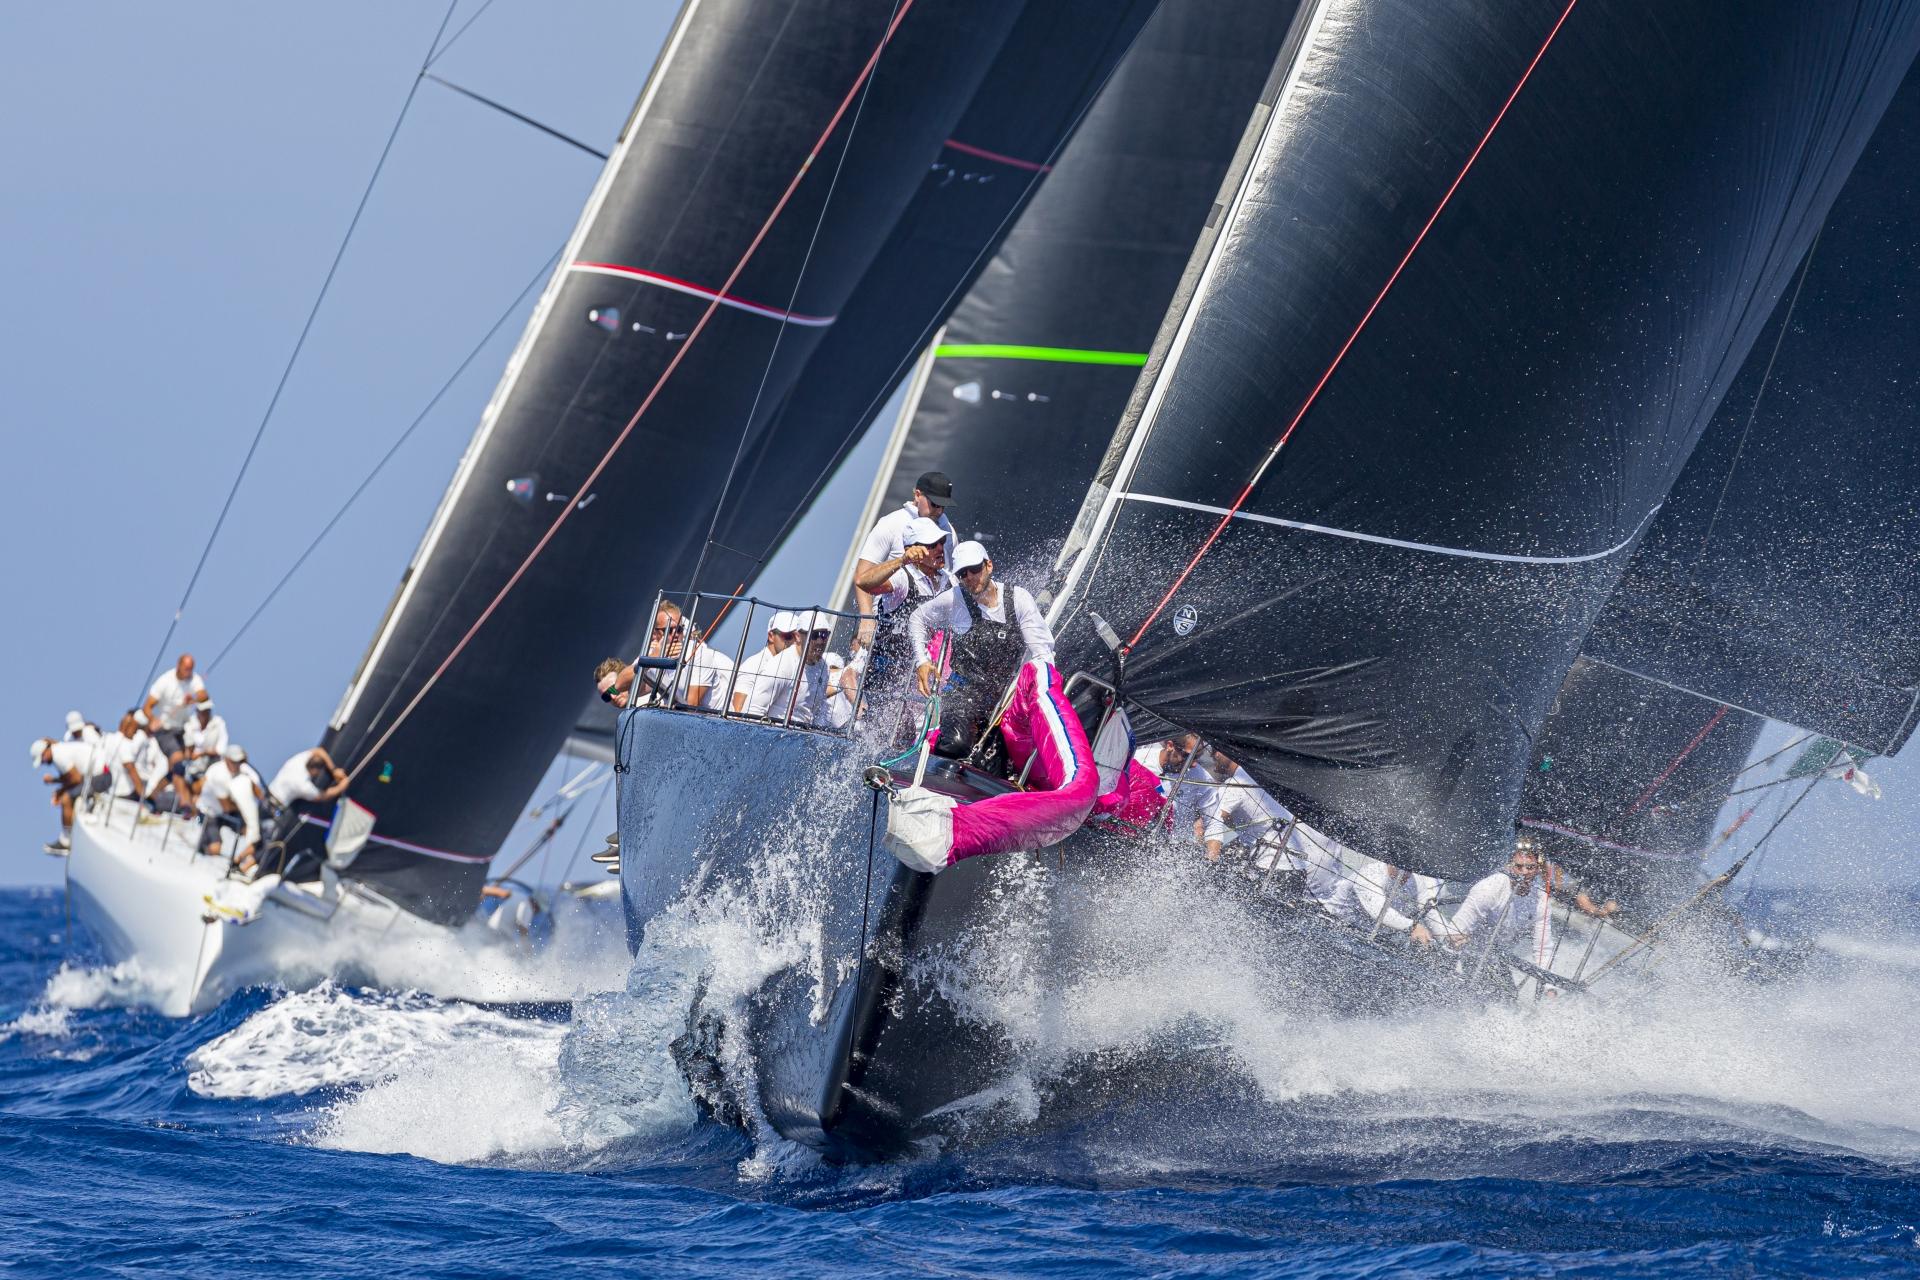 Inizia a Porto Cervo la 31^ Maxi Yacht Rolex Cup con una flotta di 44 yacht - NEWS - Yacht Club Costa Smeralda